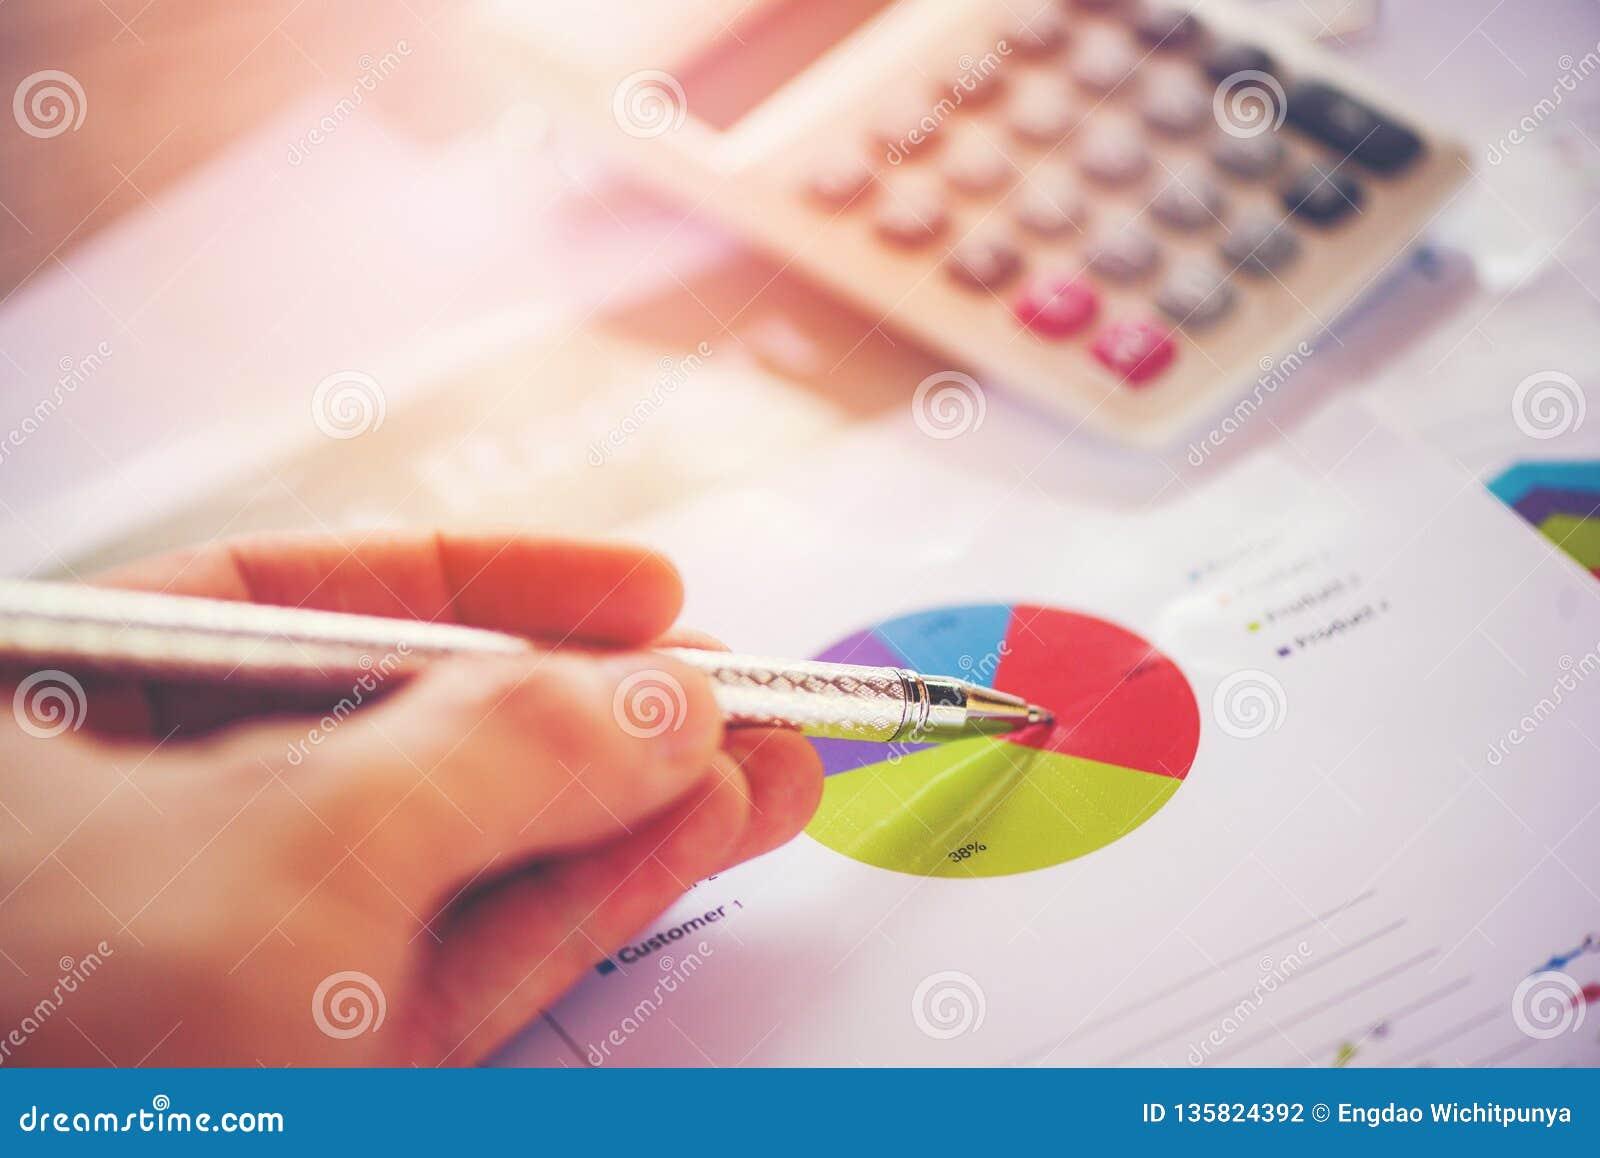 De bedrijfsrapportgrafiek die het rapport van de grafiekencalculator in Statistieken voorbereiden omcirkelt cirkeldiagram op papi